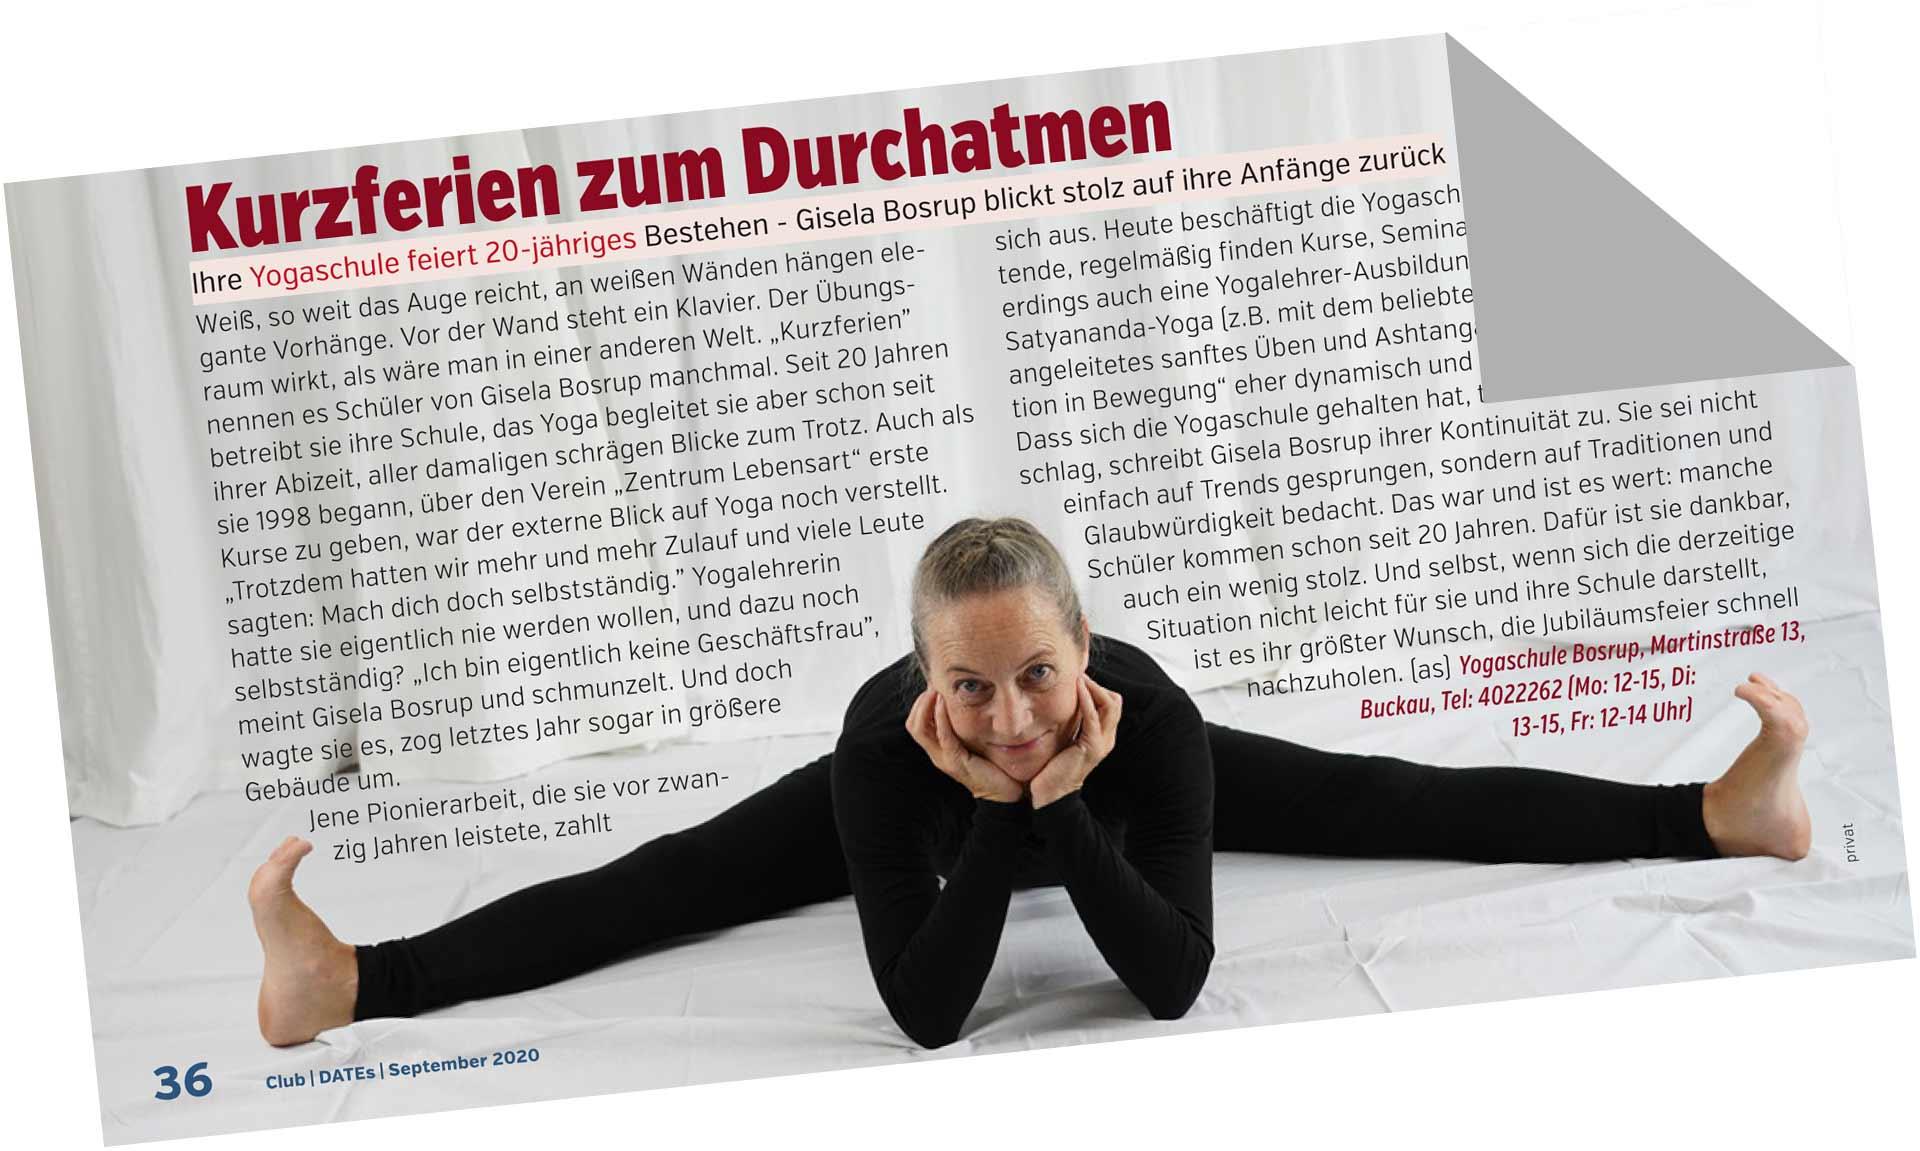 20 Jahre Yogaschule Bosrup - Beitrag im Dates